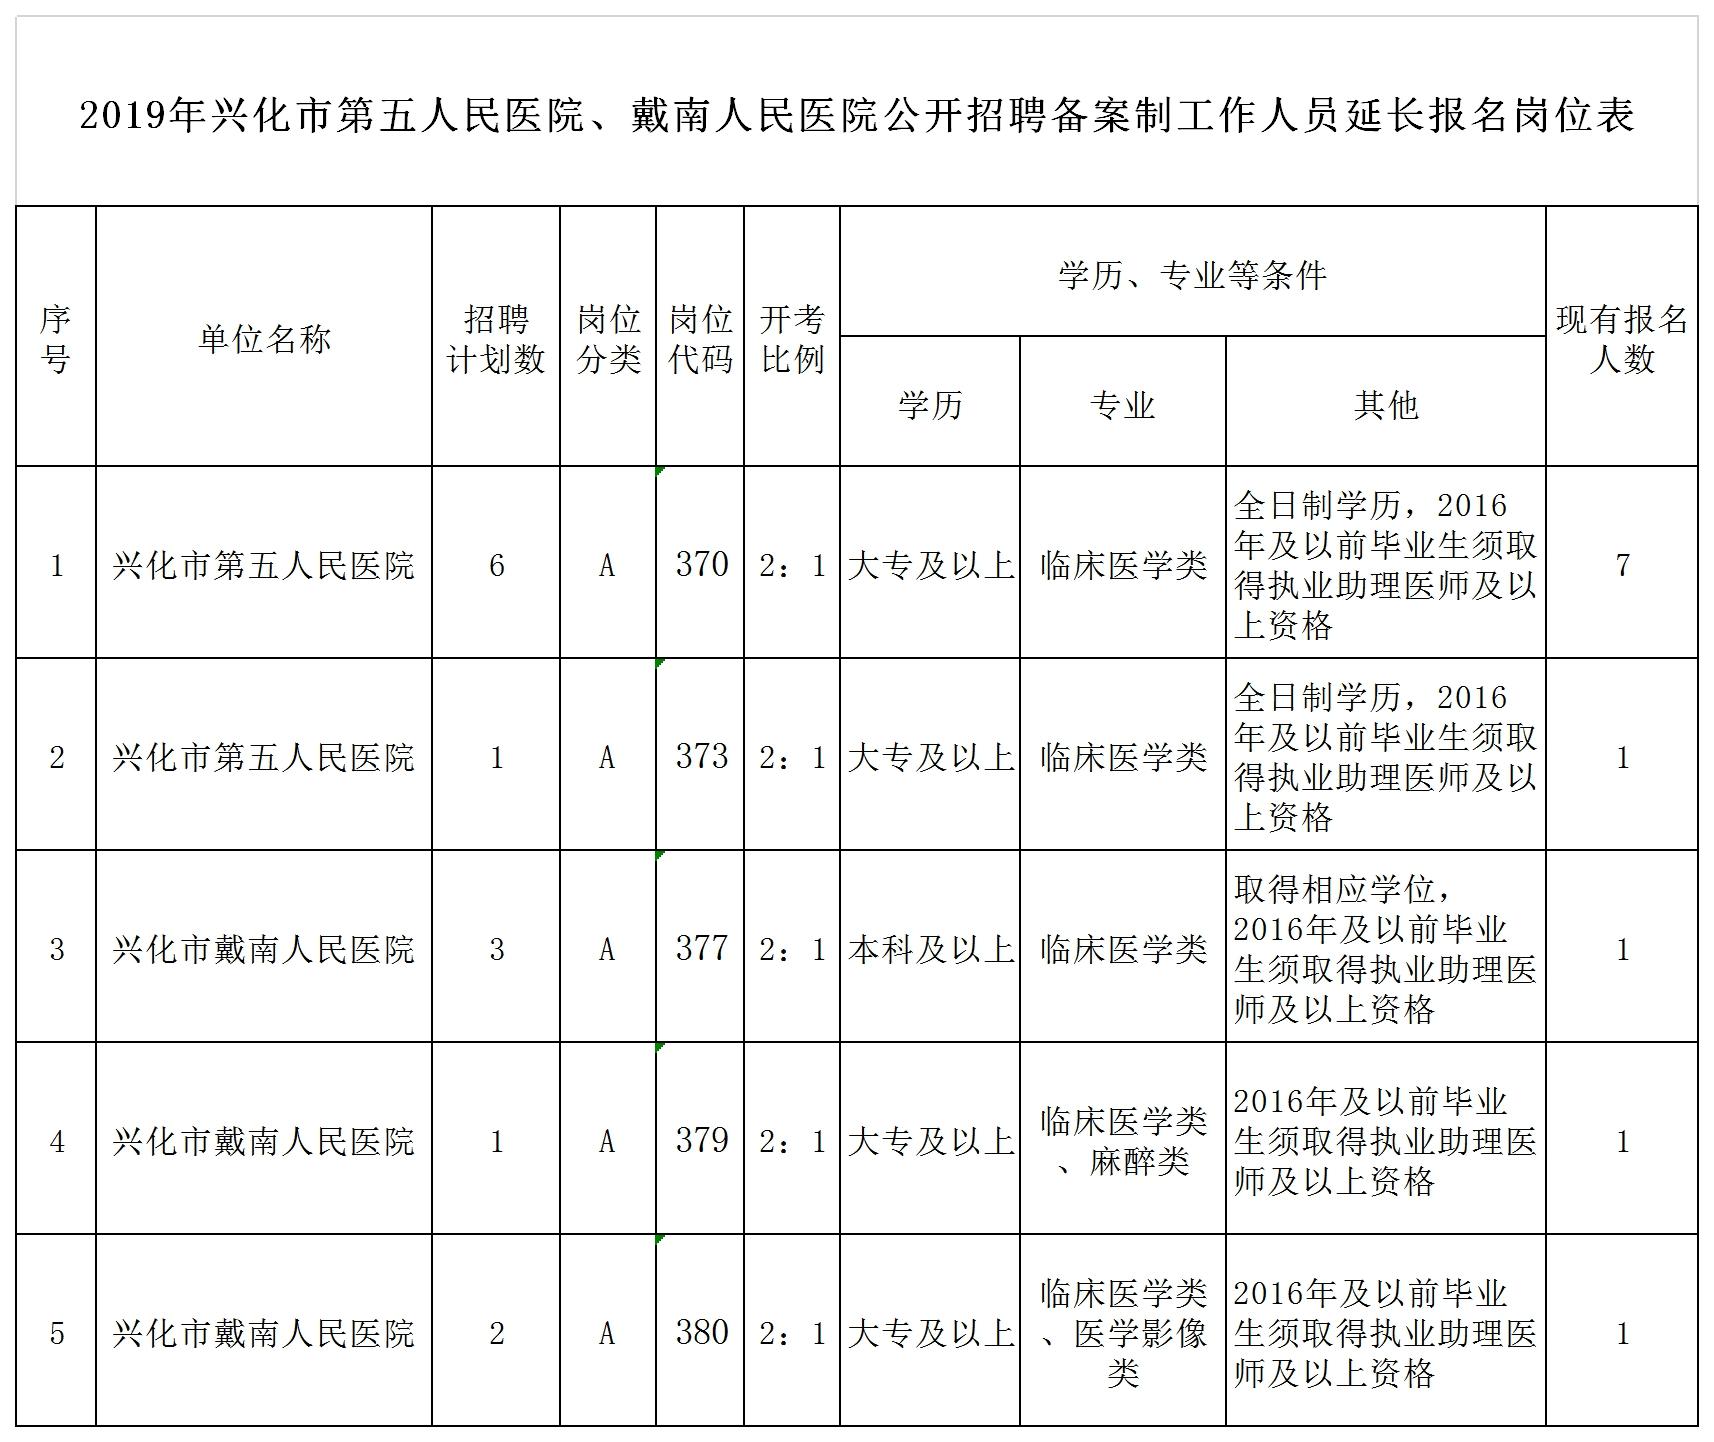 2019年兴化市第五人民医院、兴化市戴南人民医院公开招聘备案制工作人员延长报名岗位表.png